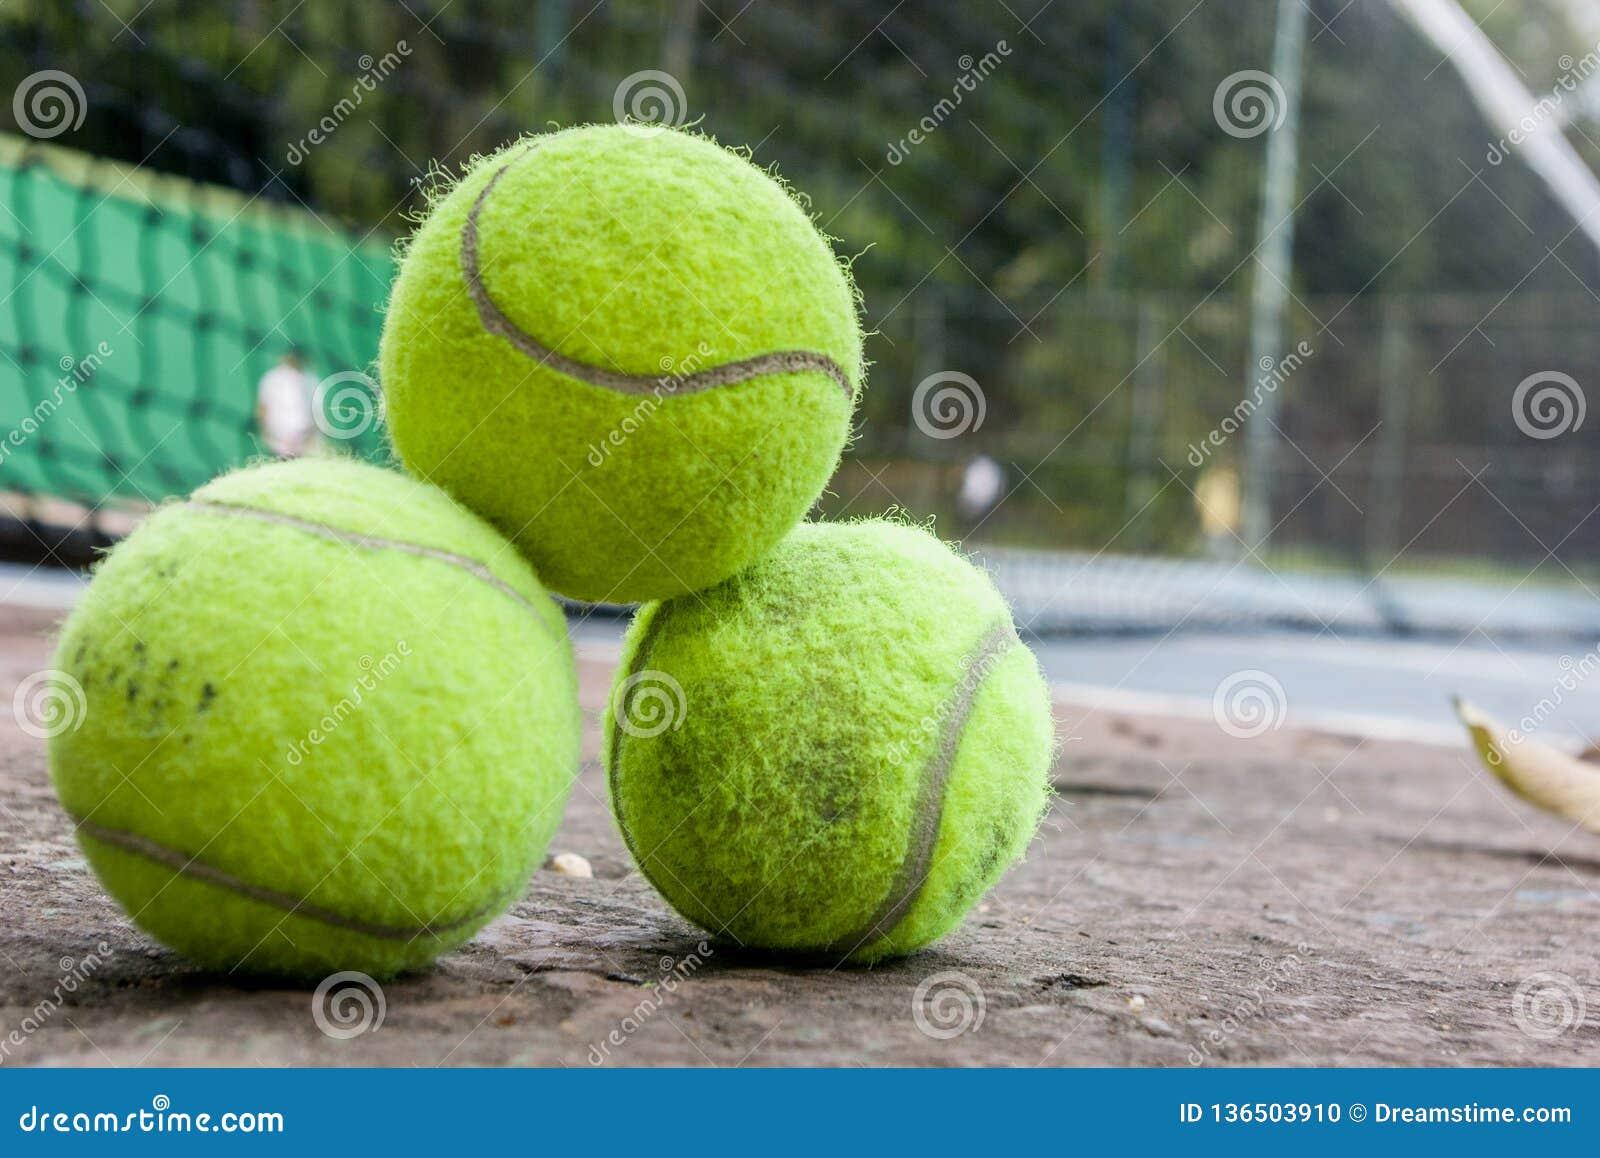 Un groupe de trois balles de tennis vertes un jour ensoleillé